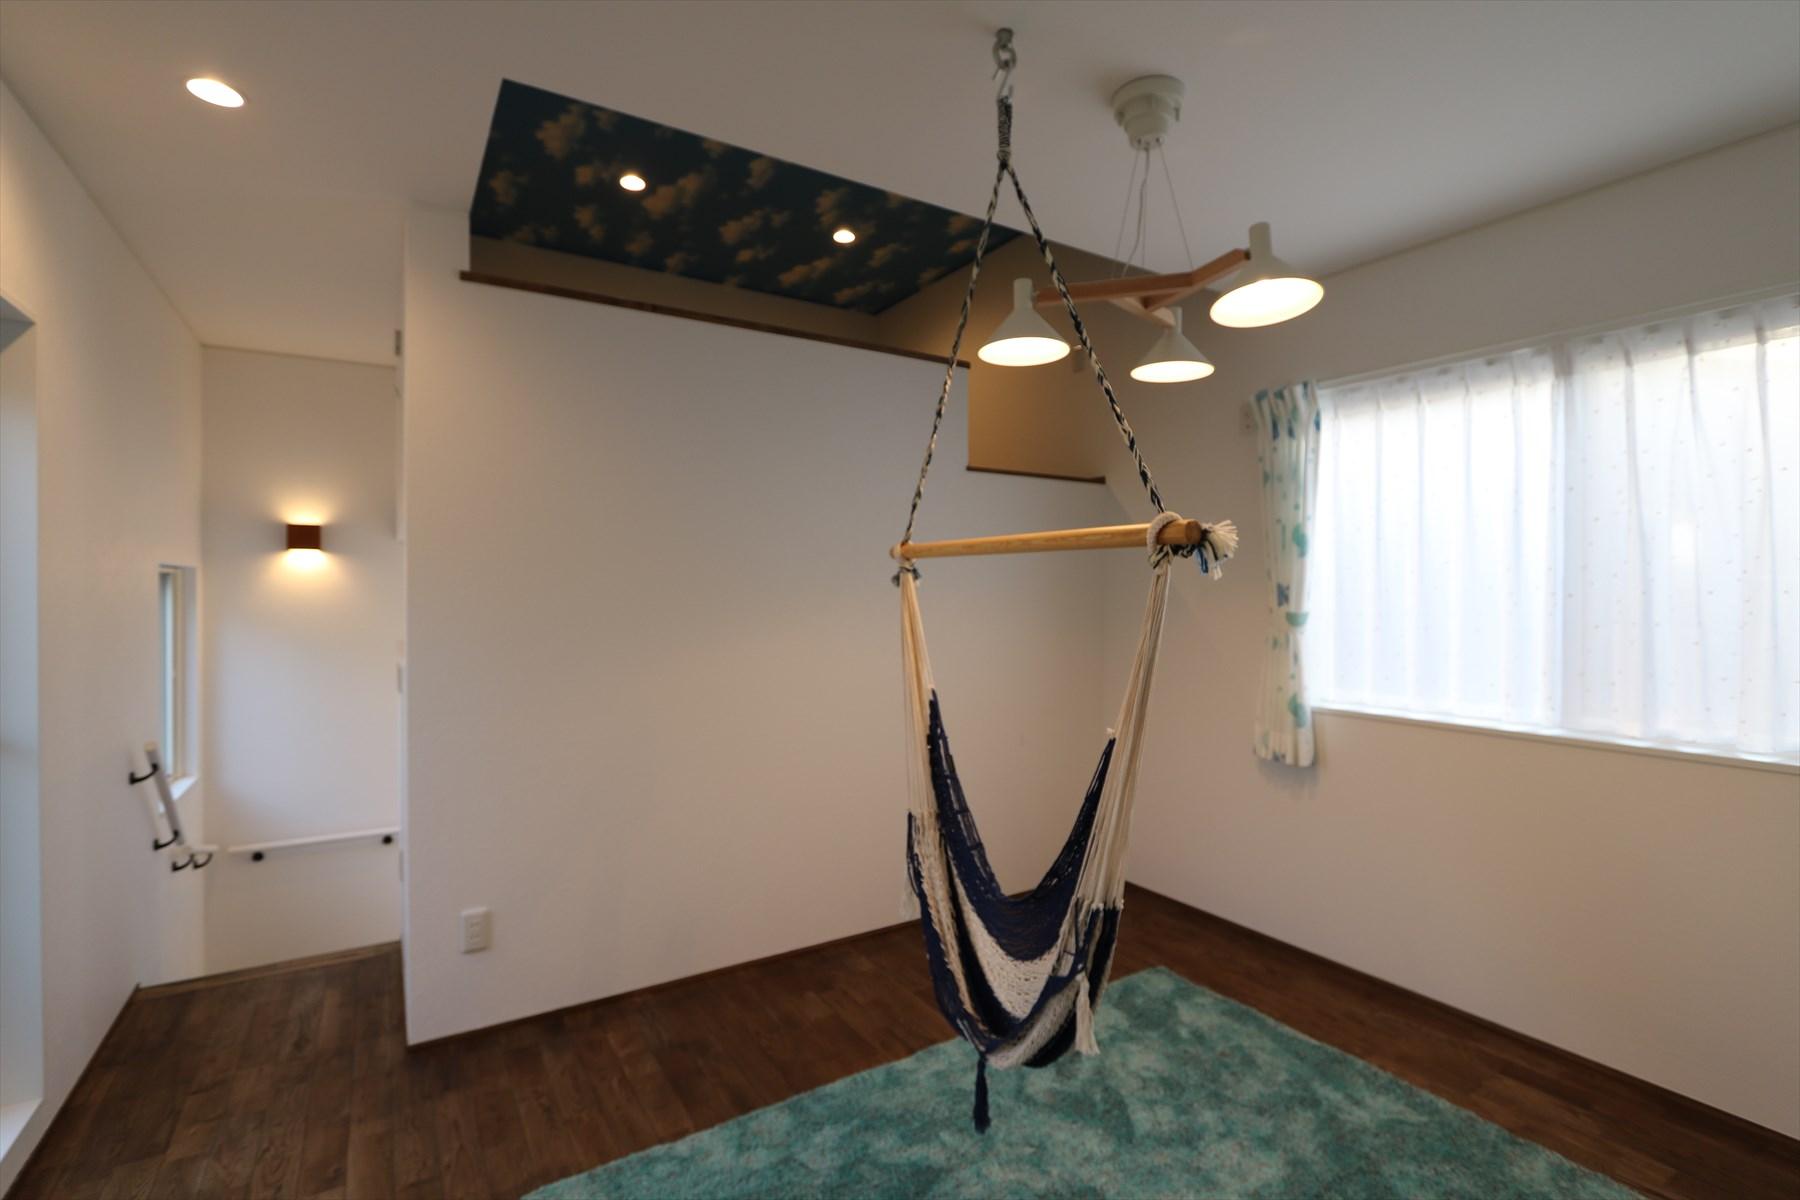 ウッドデッキを囲む五層構造の家|石川県金沢市の注文住宅・デザイン性・新築の家・戸建て|E-HOUSE